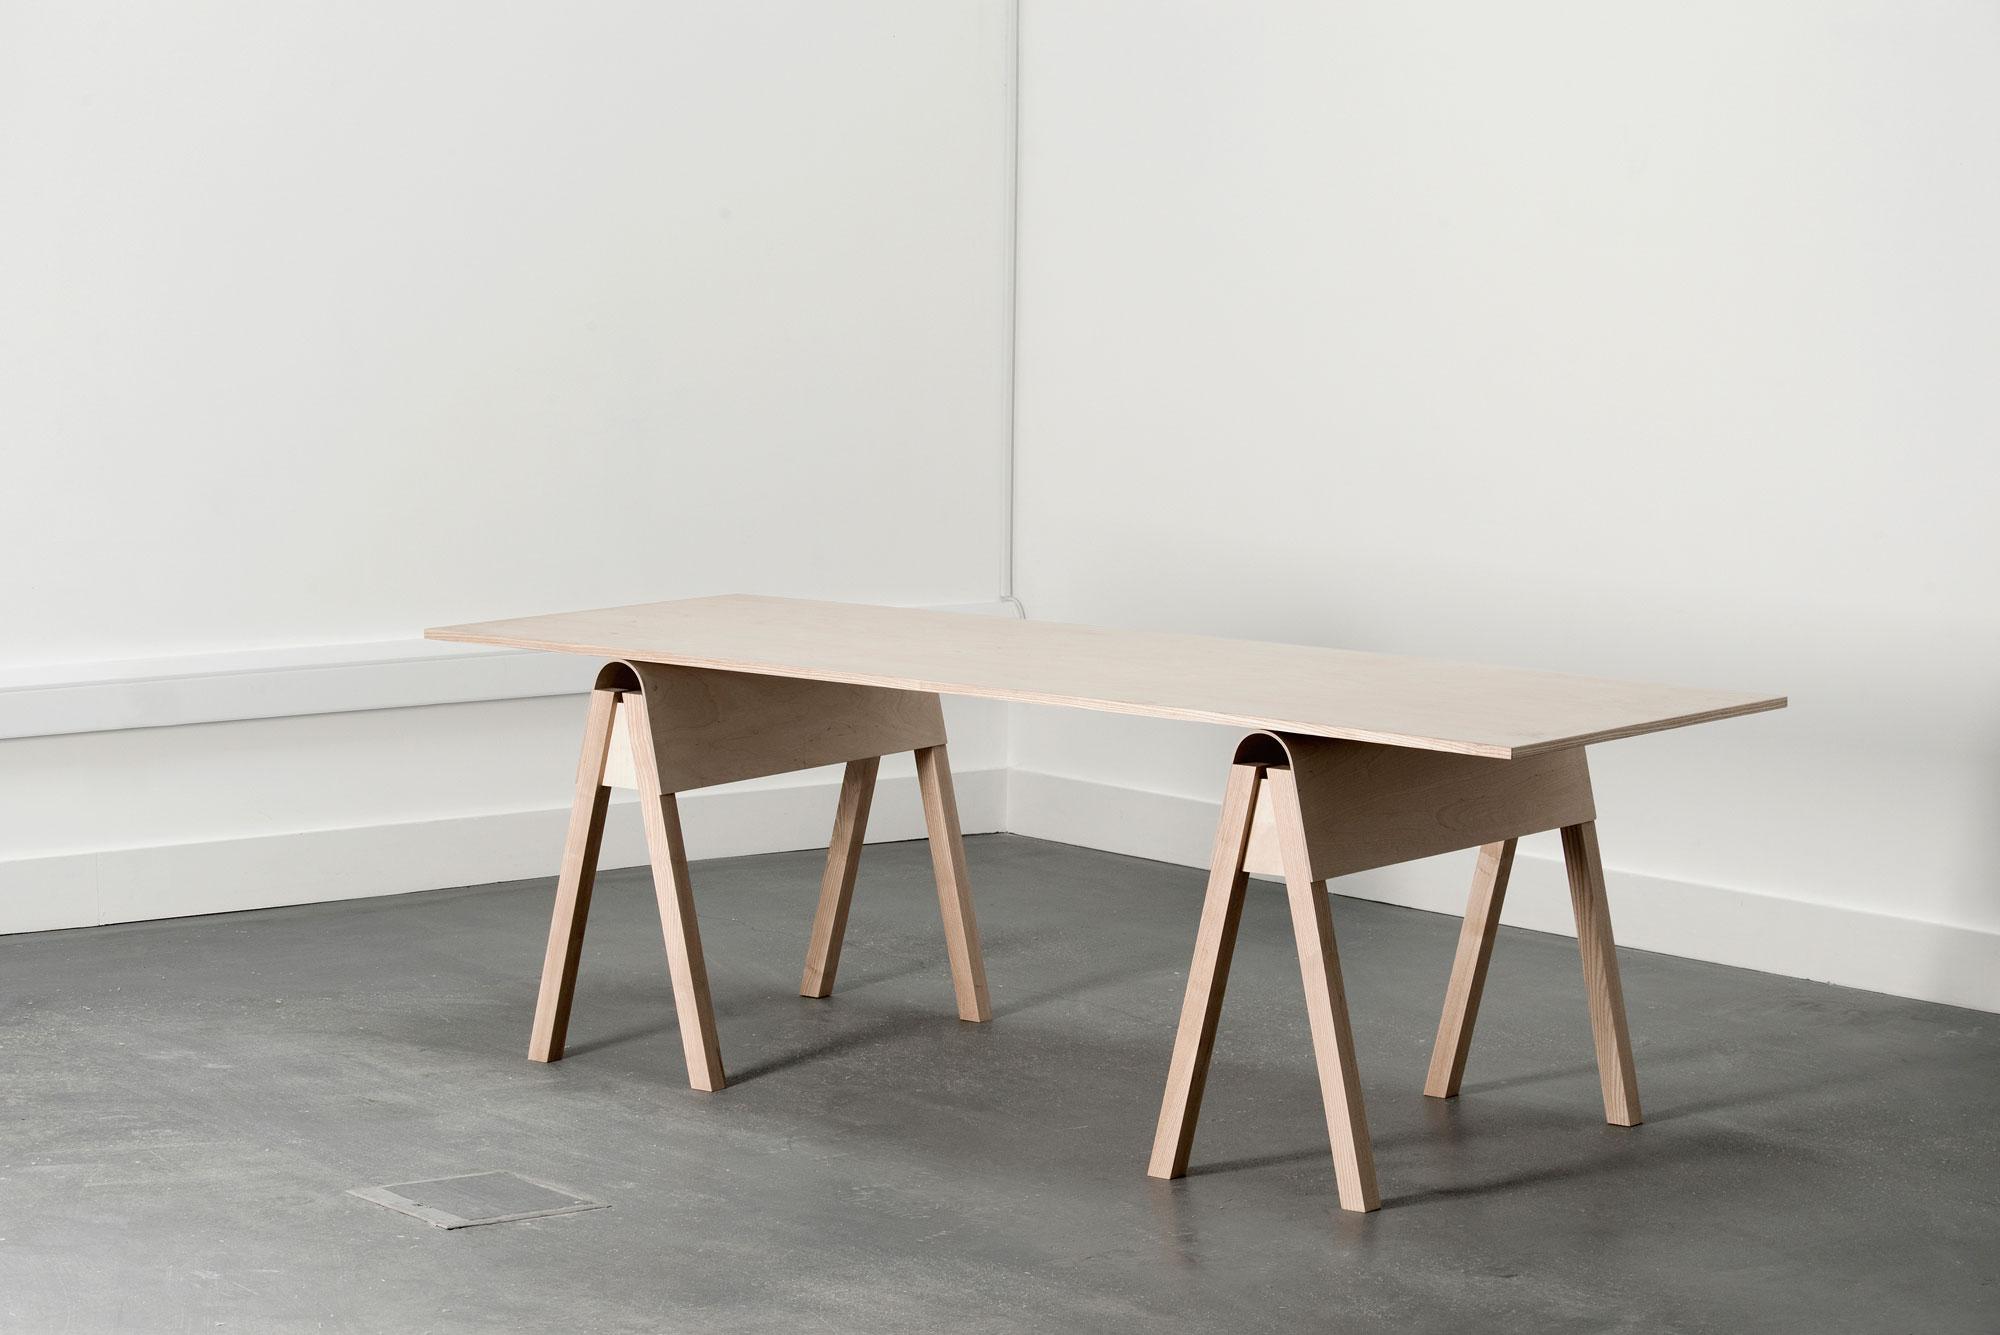 Aero Trestle Table, Catherine Aitken and David Murphy